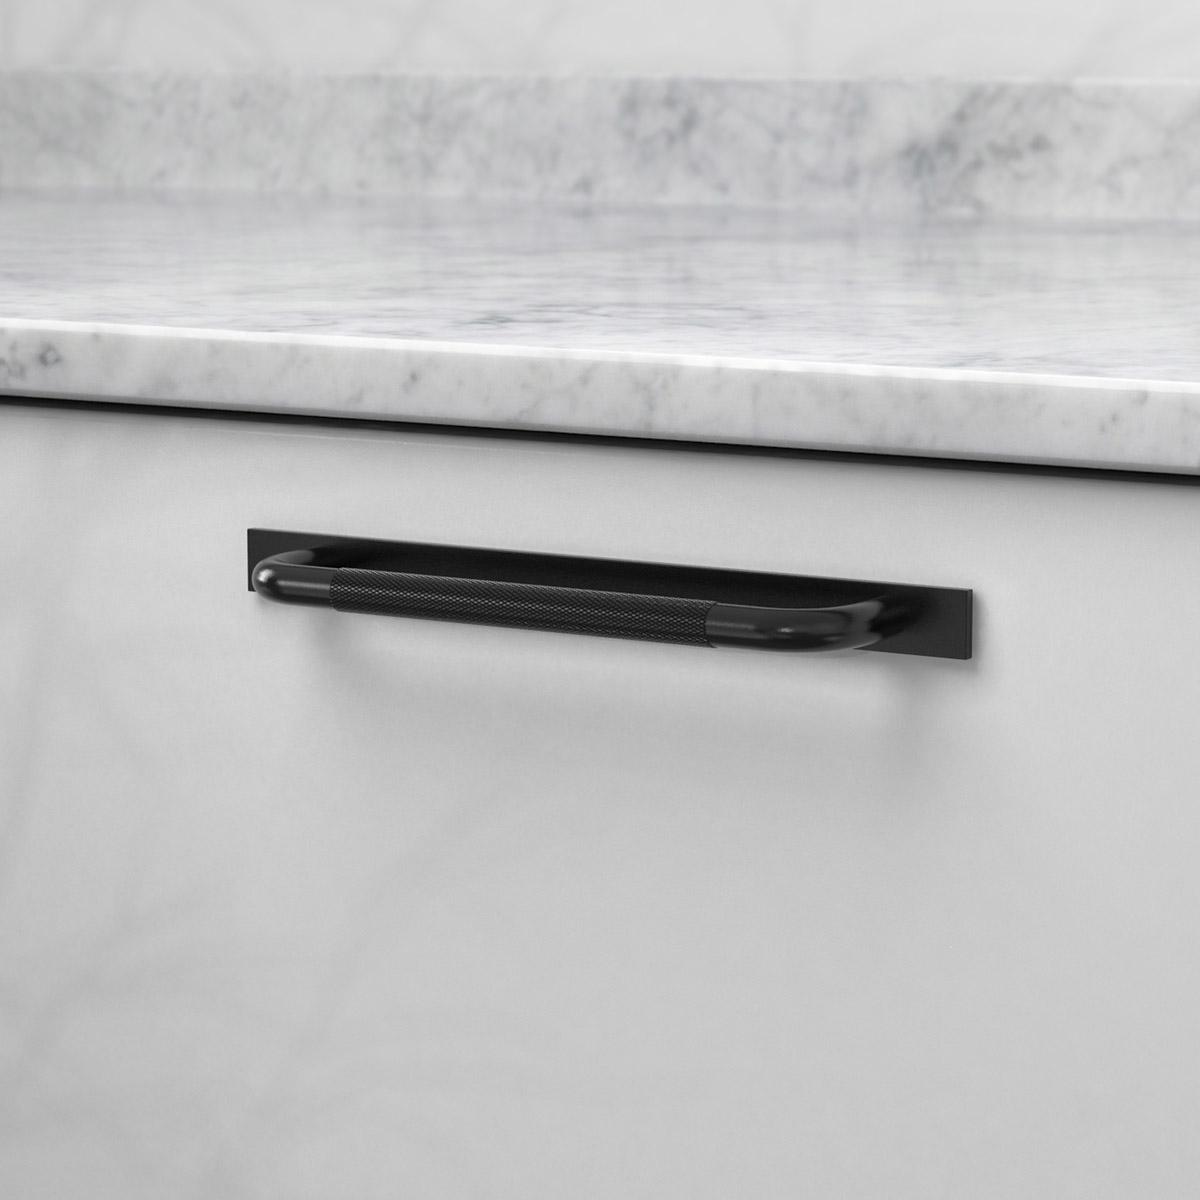 Handtag helix med bricka matt svart 308540 11 cc 160 mm ncs s 3000 n marmor carrara